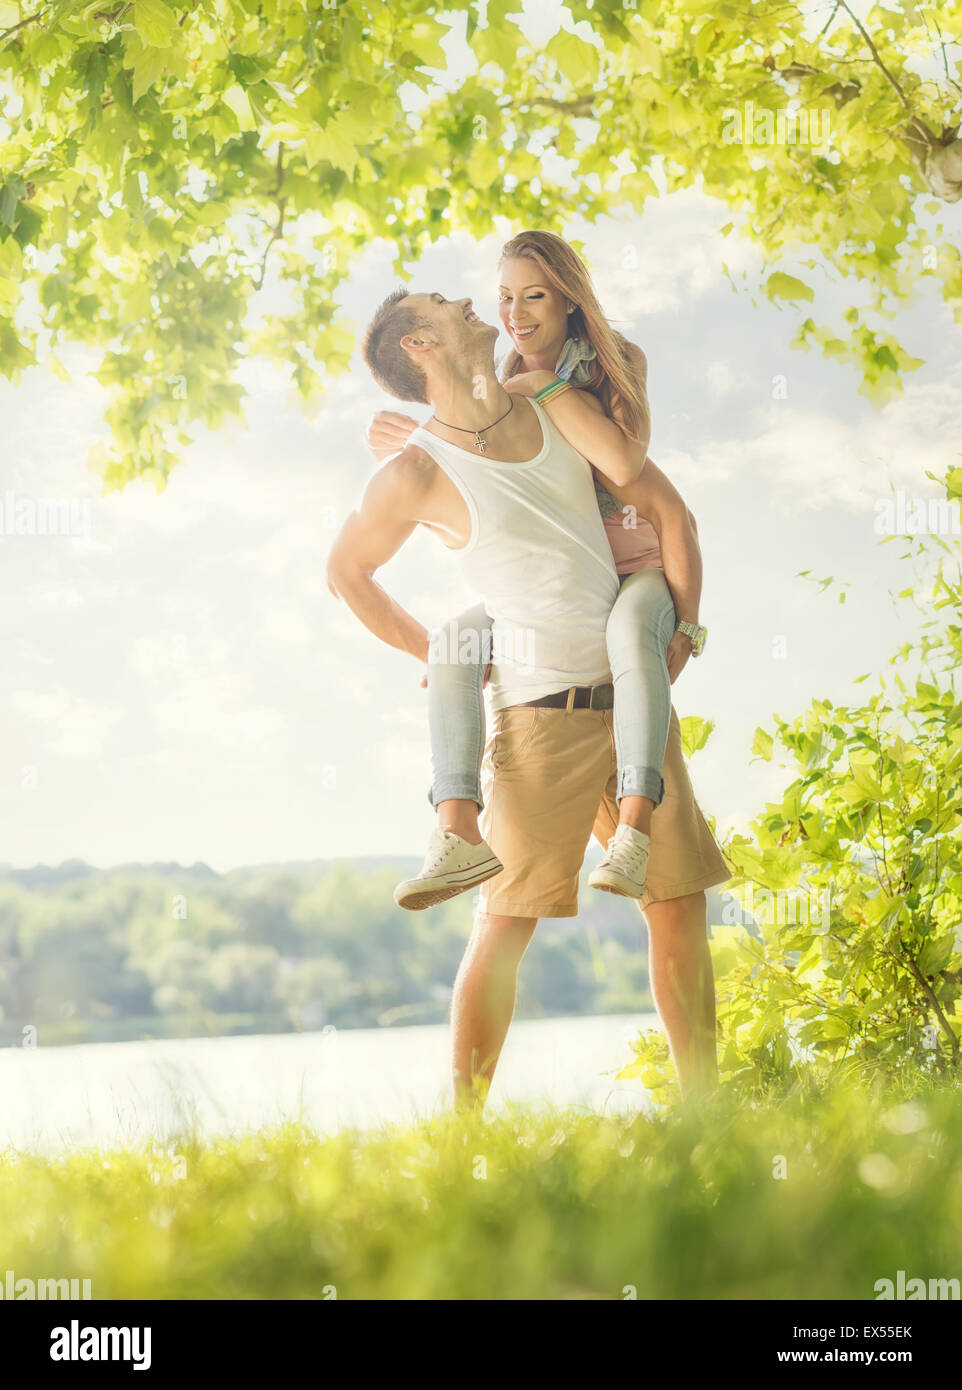 Matura in amore sul lago, abbraccio Immagini Stock